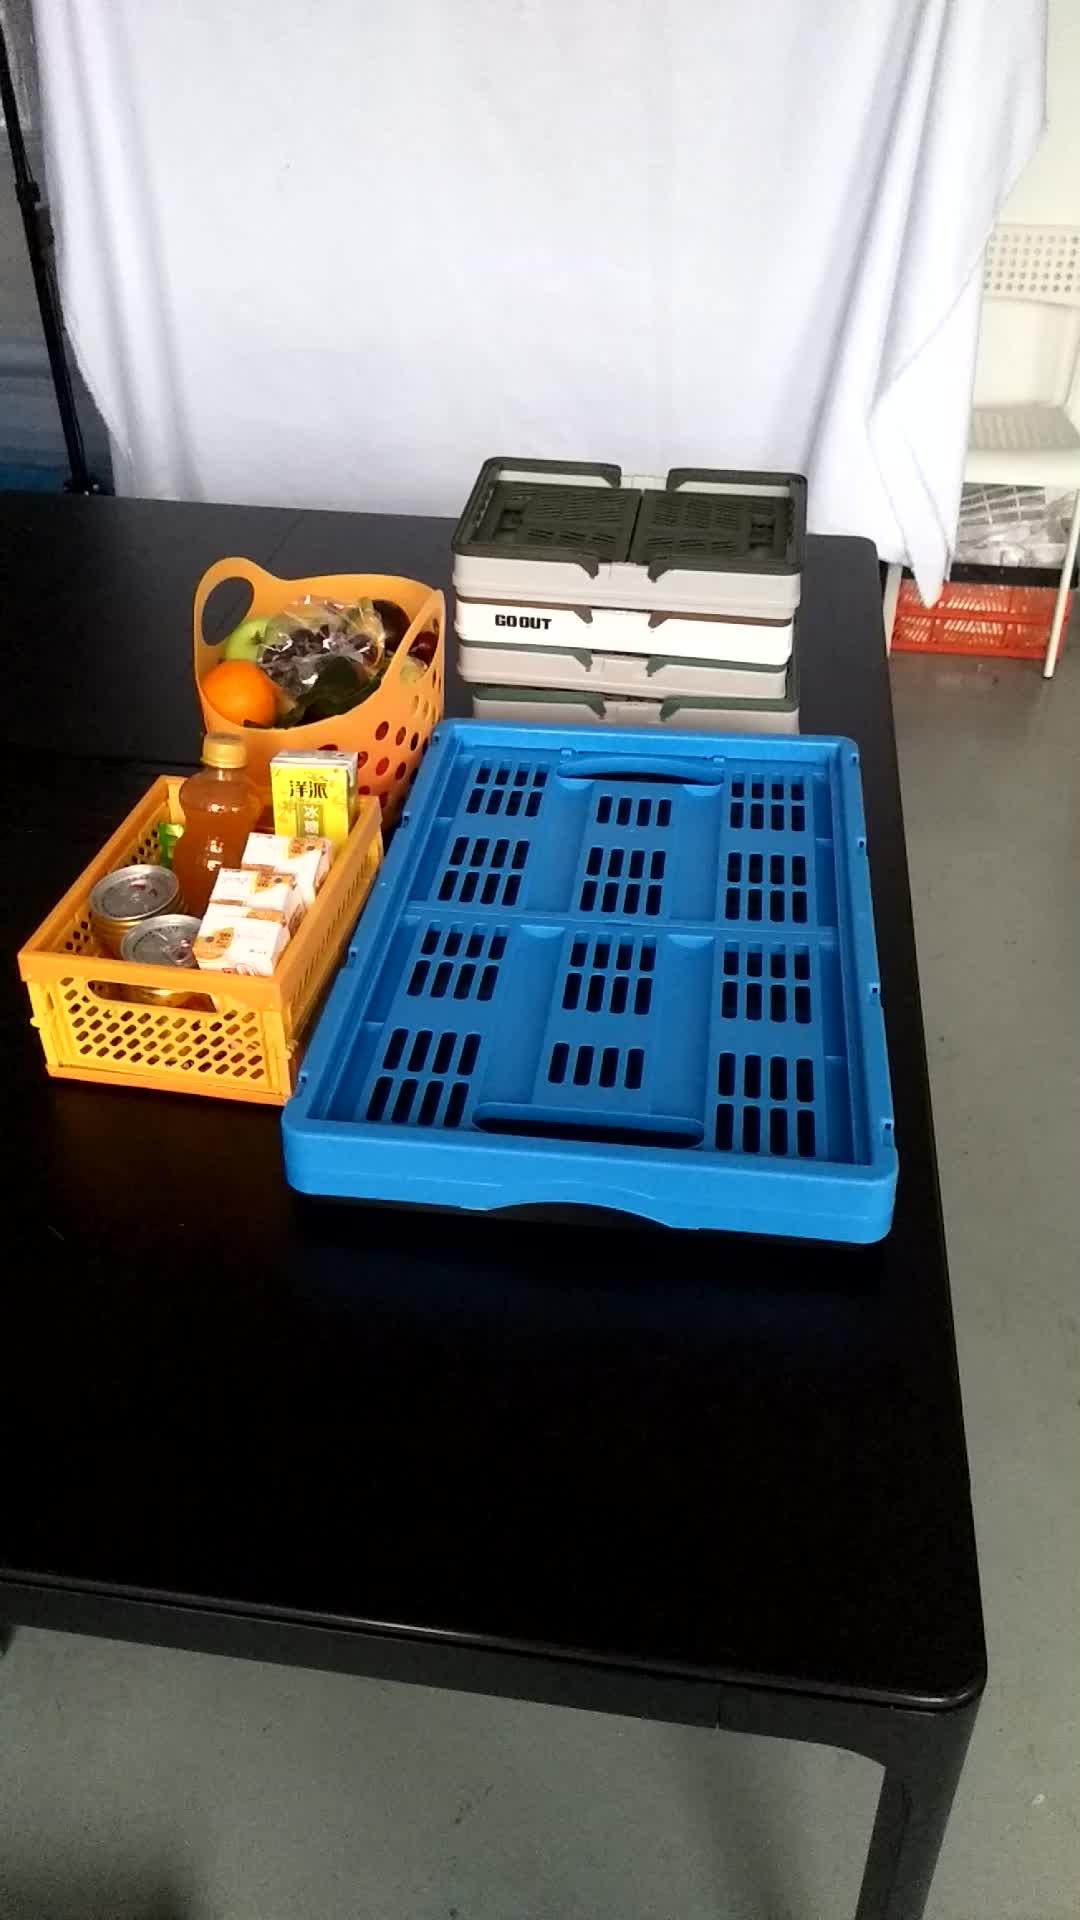 أعلى بيع الملونة البلاستيك تخزين سلة قابلة للطي